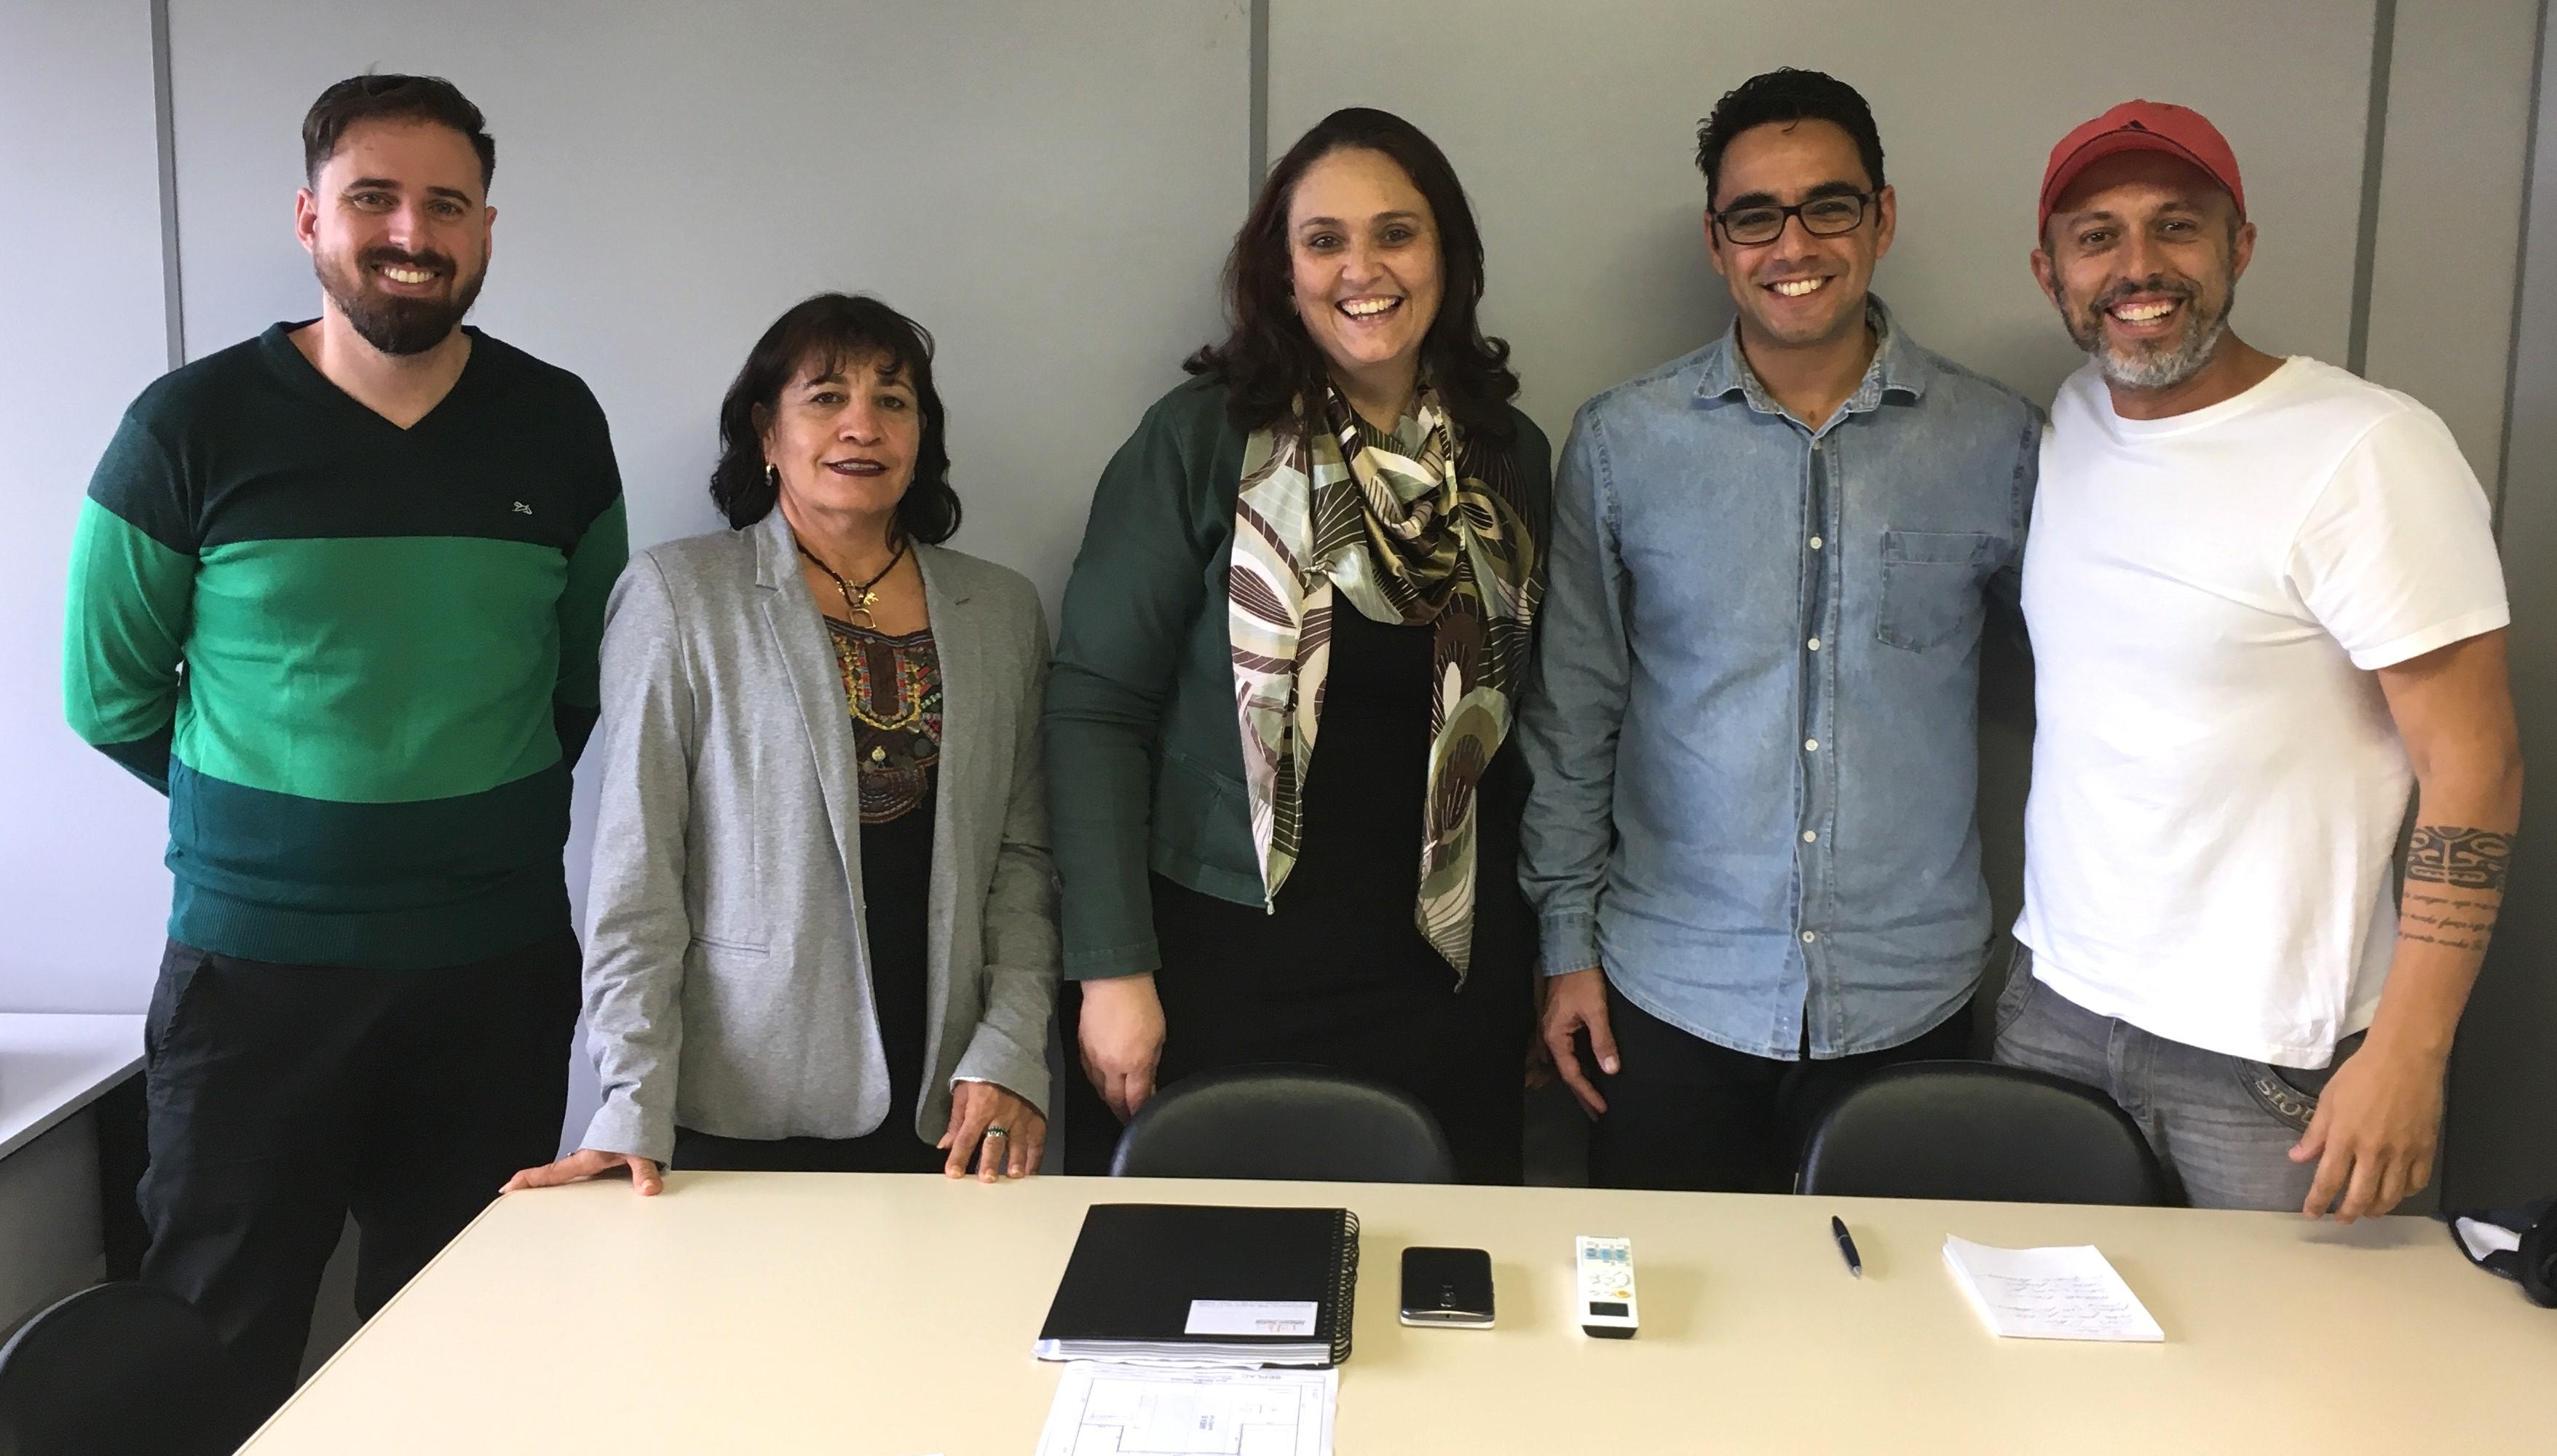 Vereador Everton da Academia reúne-se com o Executivo Municipal, buscando apoio para Escola na São Jorge